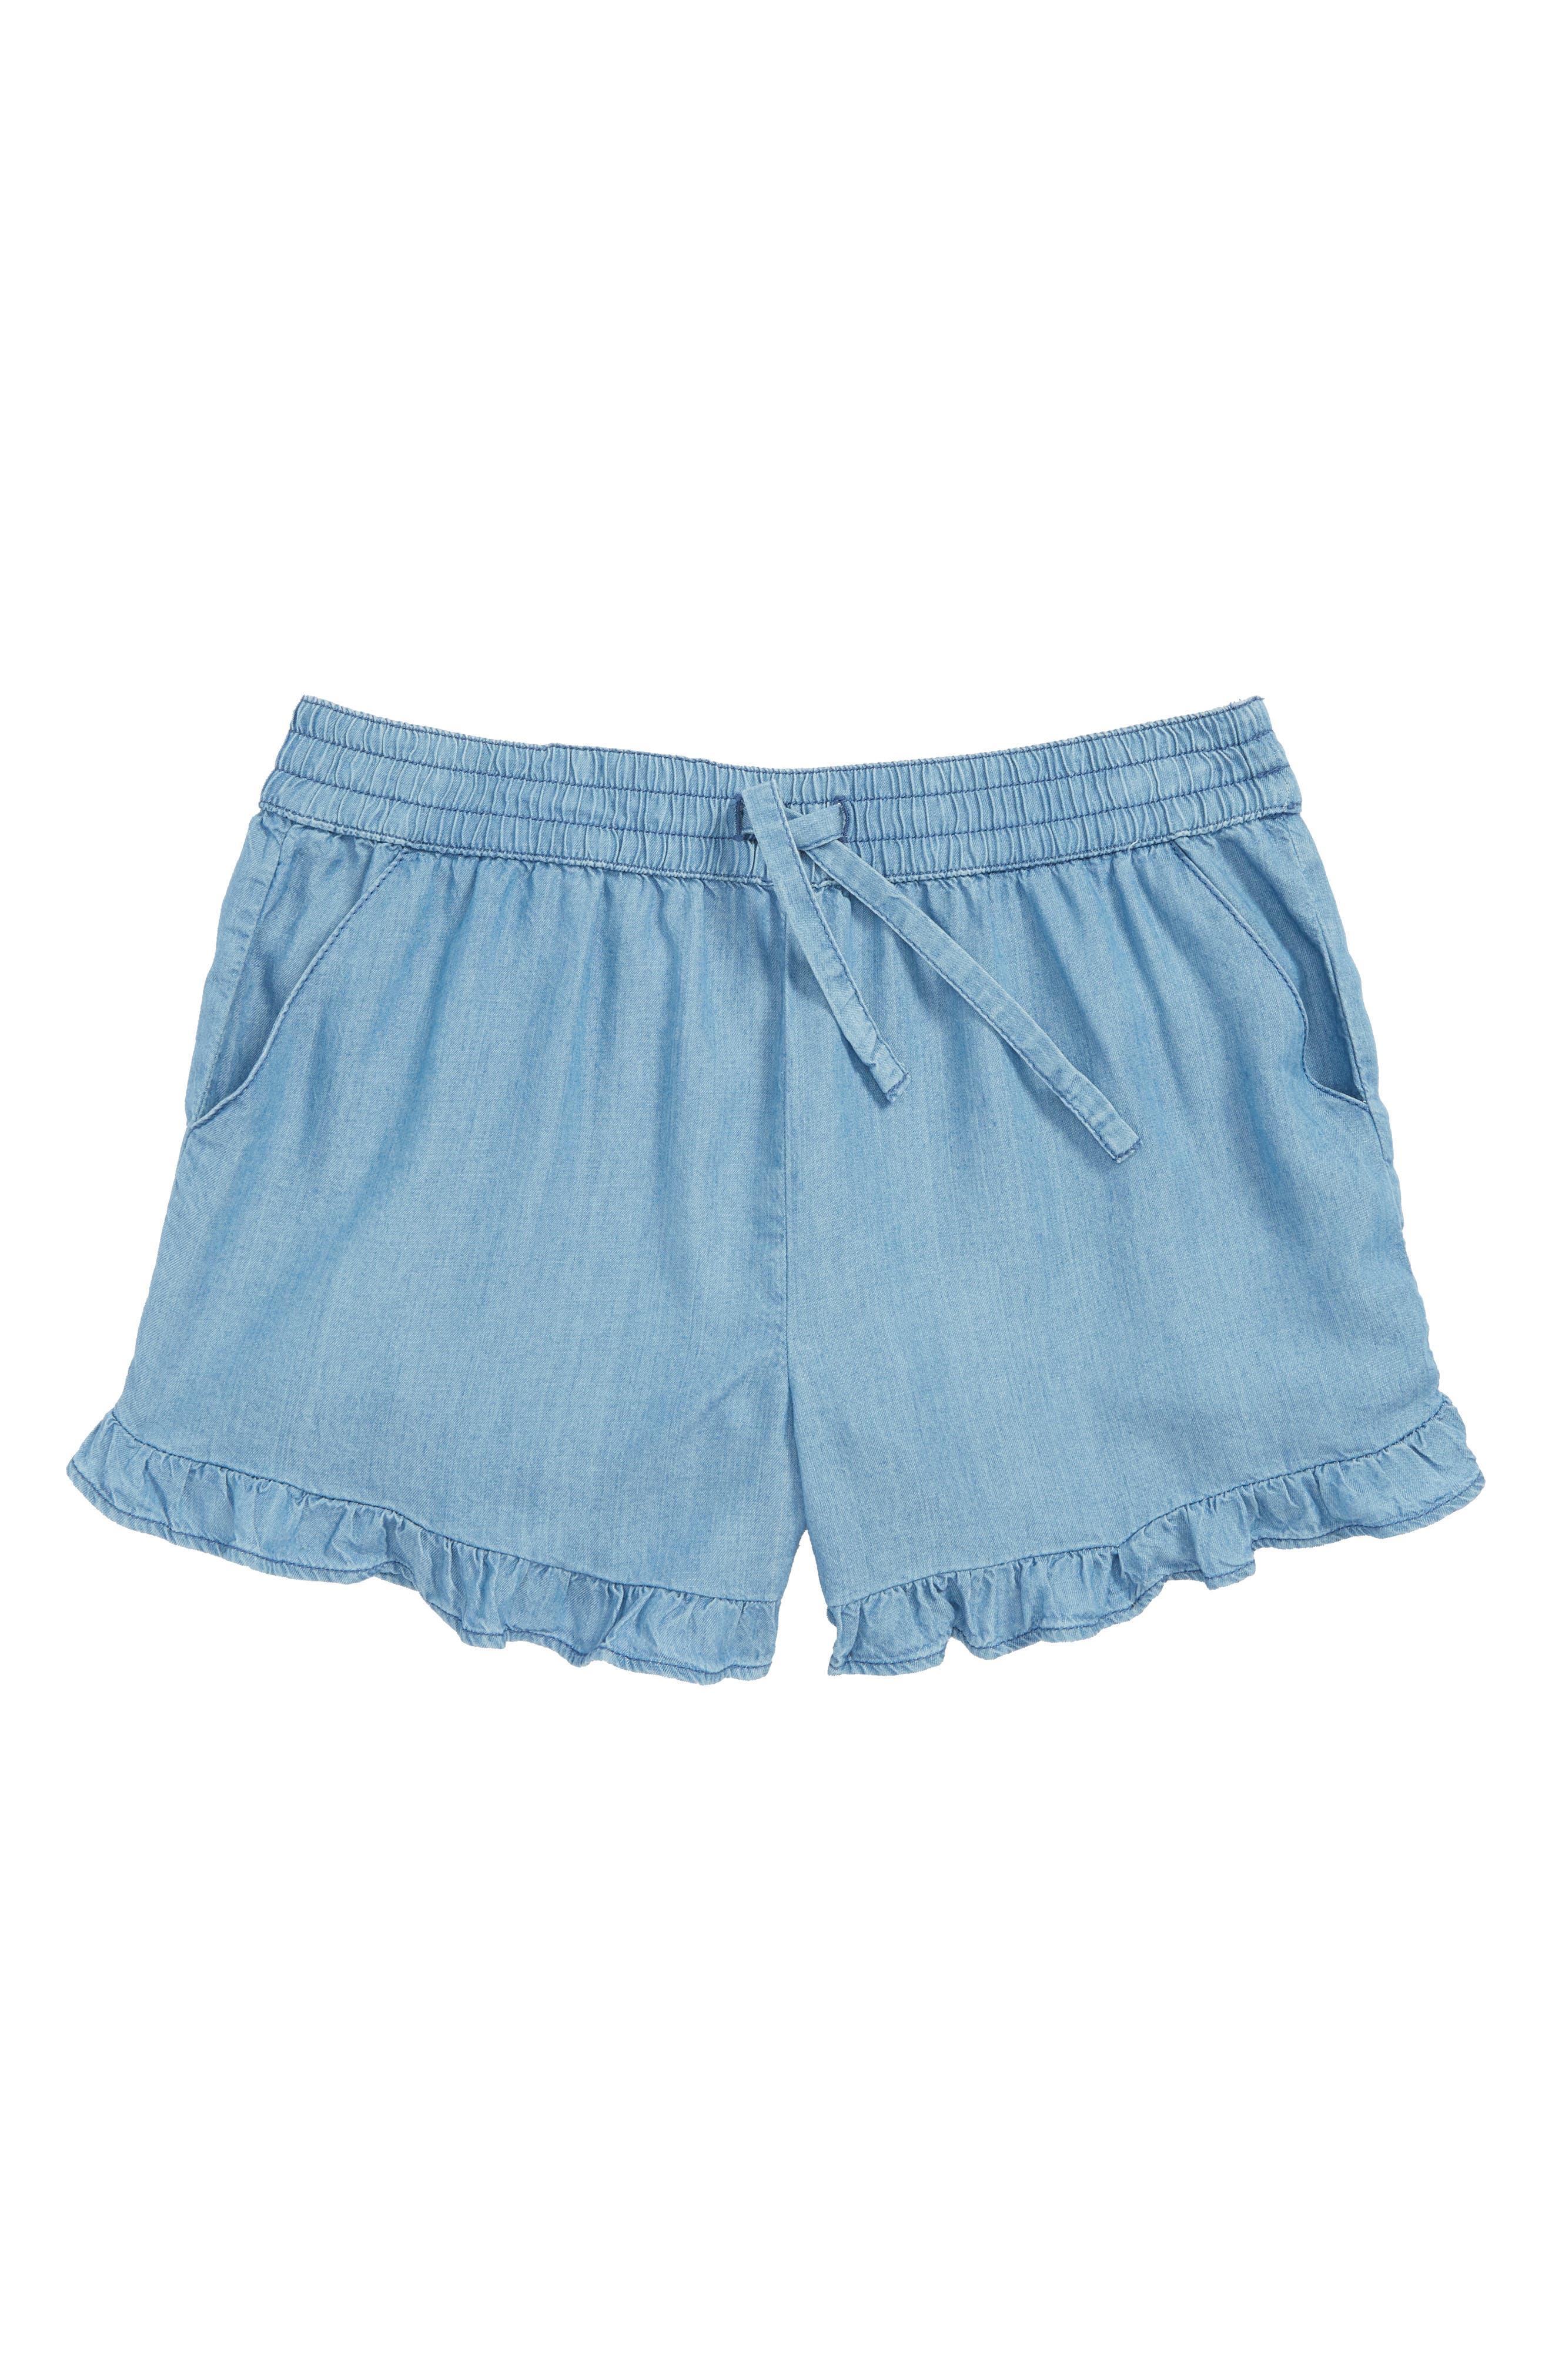 Ruffle Chambray Shorts,                             Main thumbnail 1, color,                             River Blue Wash